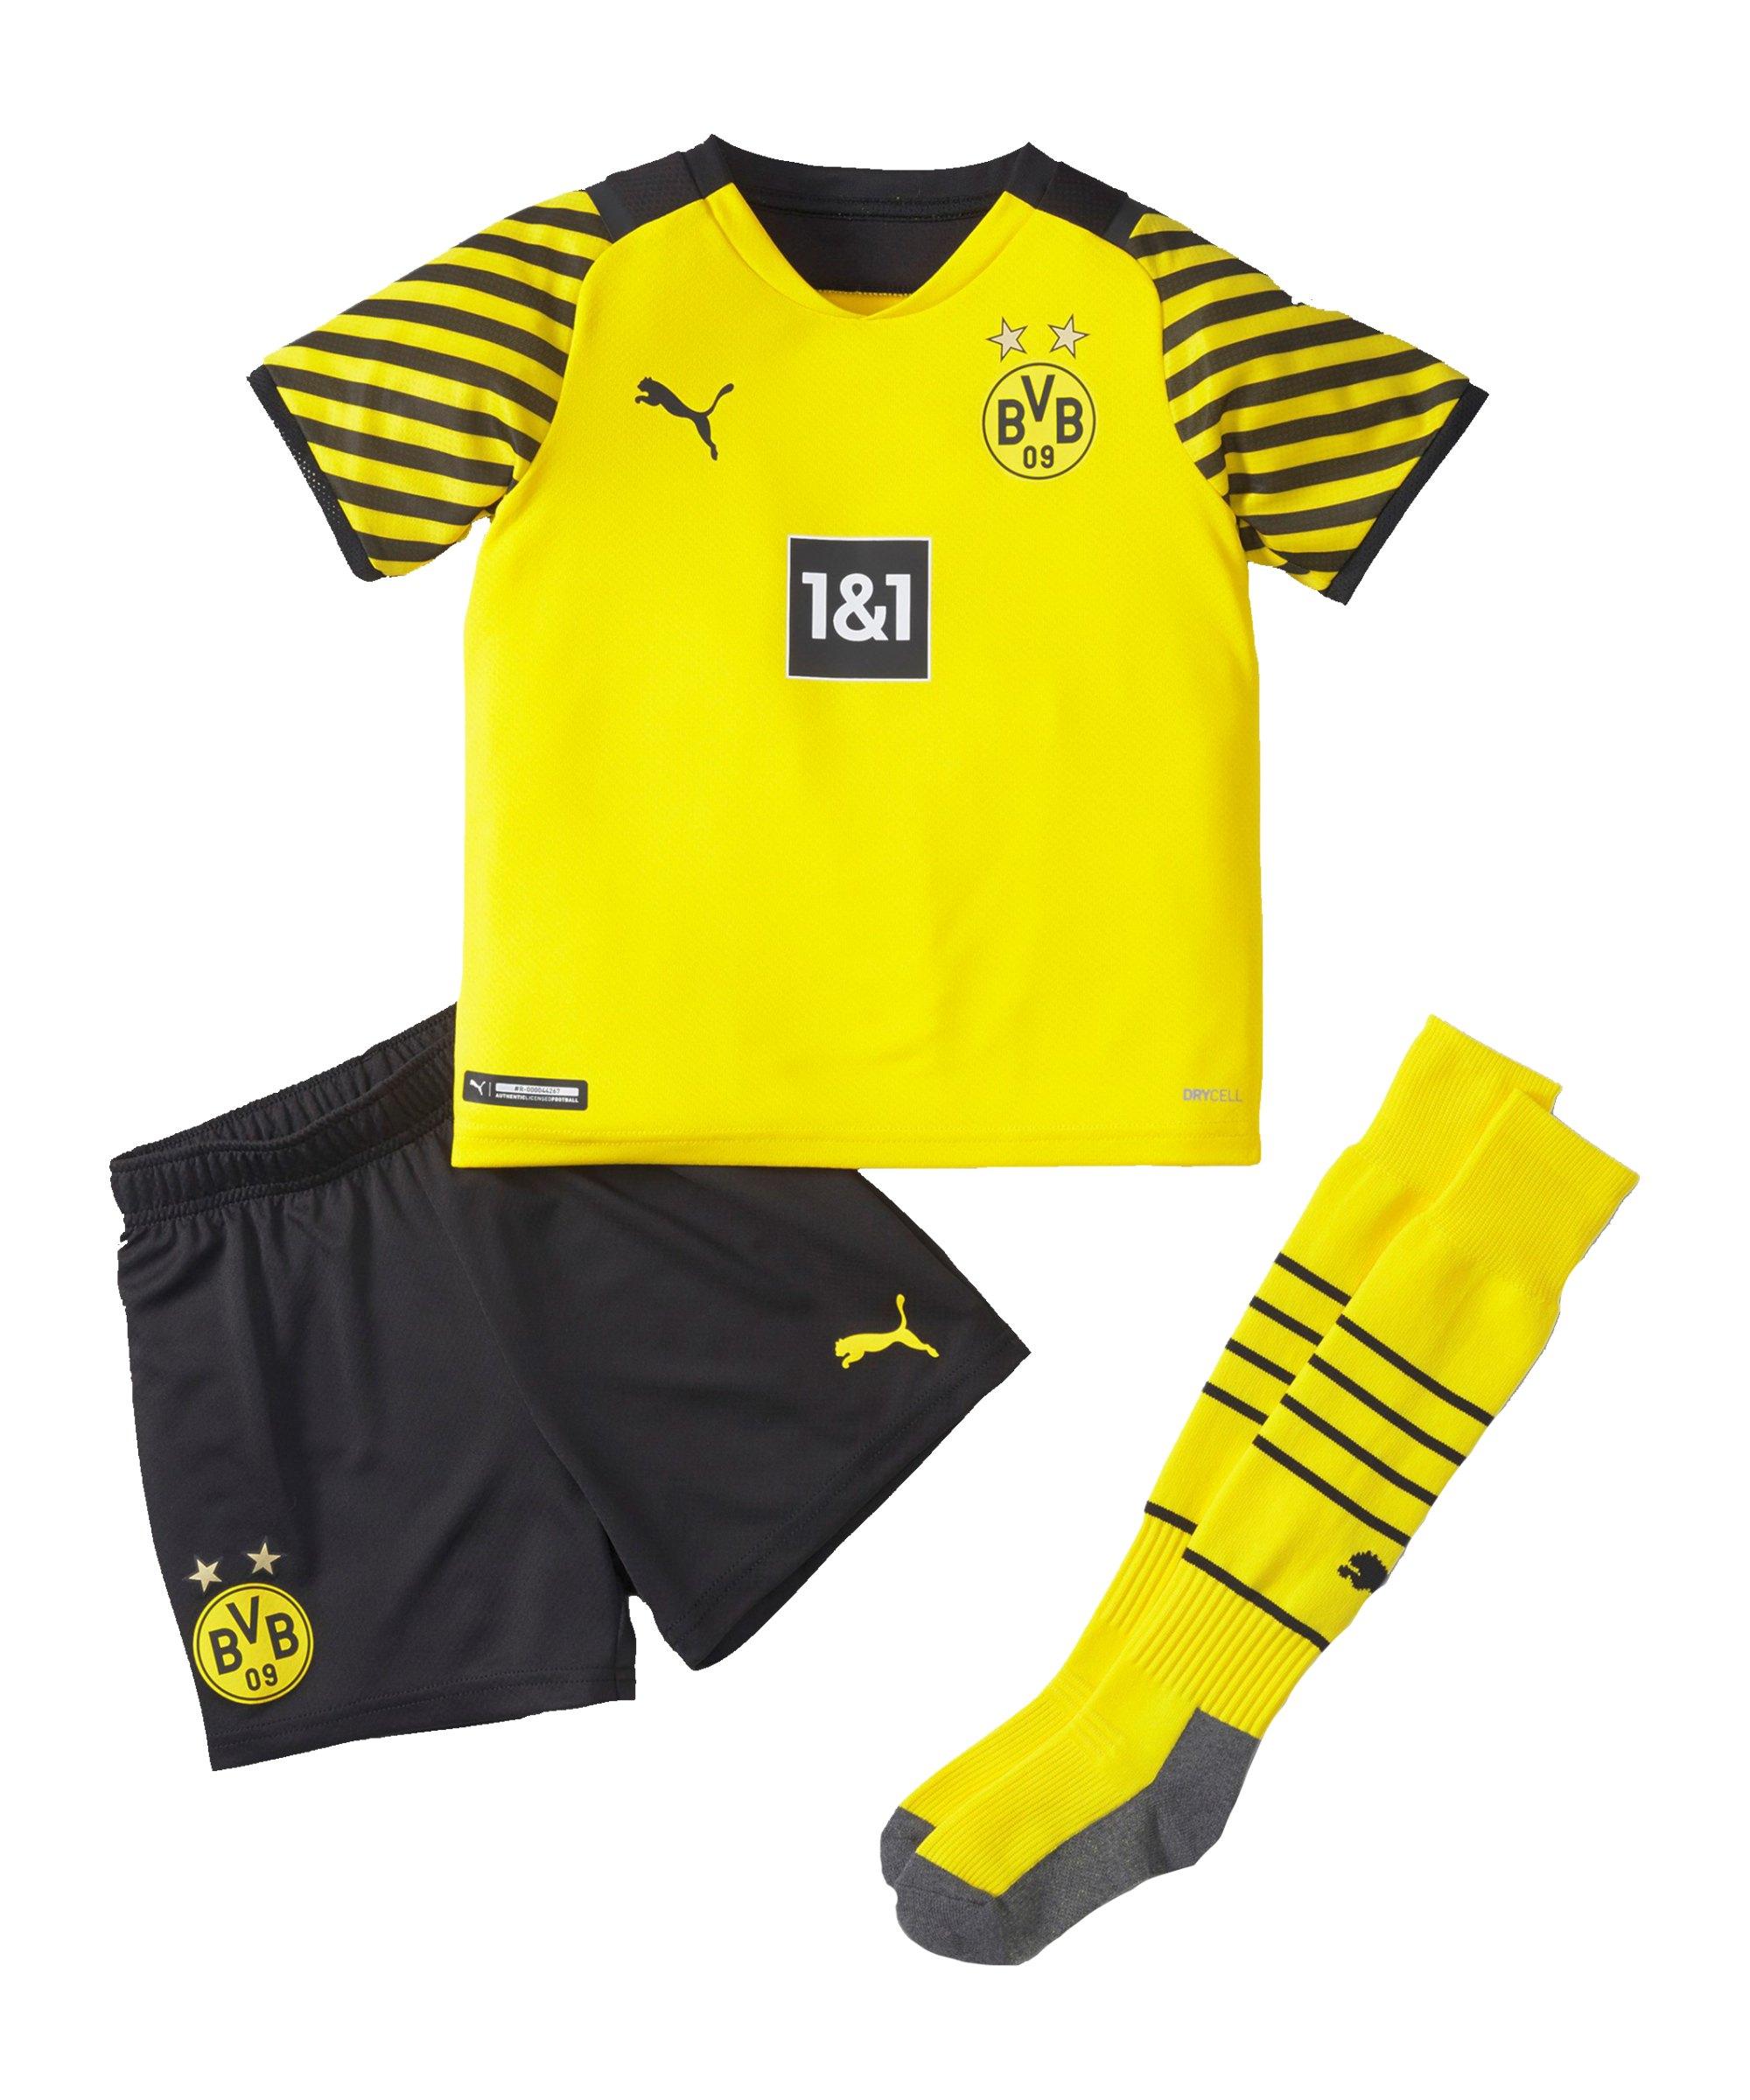 PUMA BVB Dortmund Minikit Home 2021/2022 Gelb Schwarz F01 - gelb